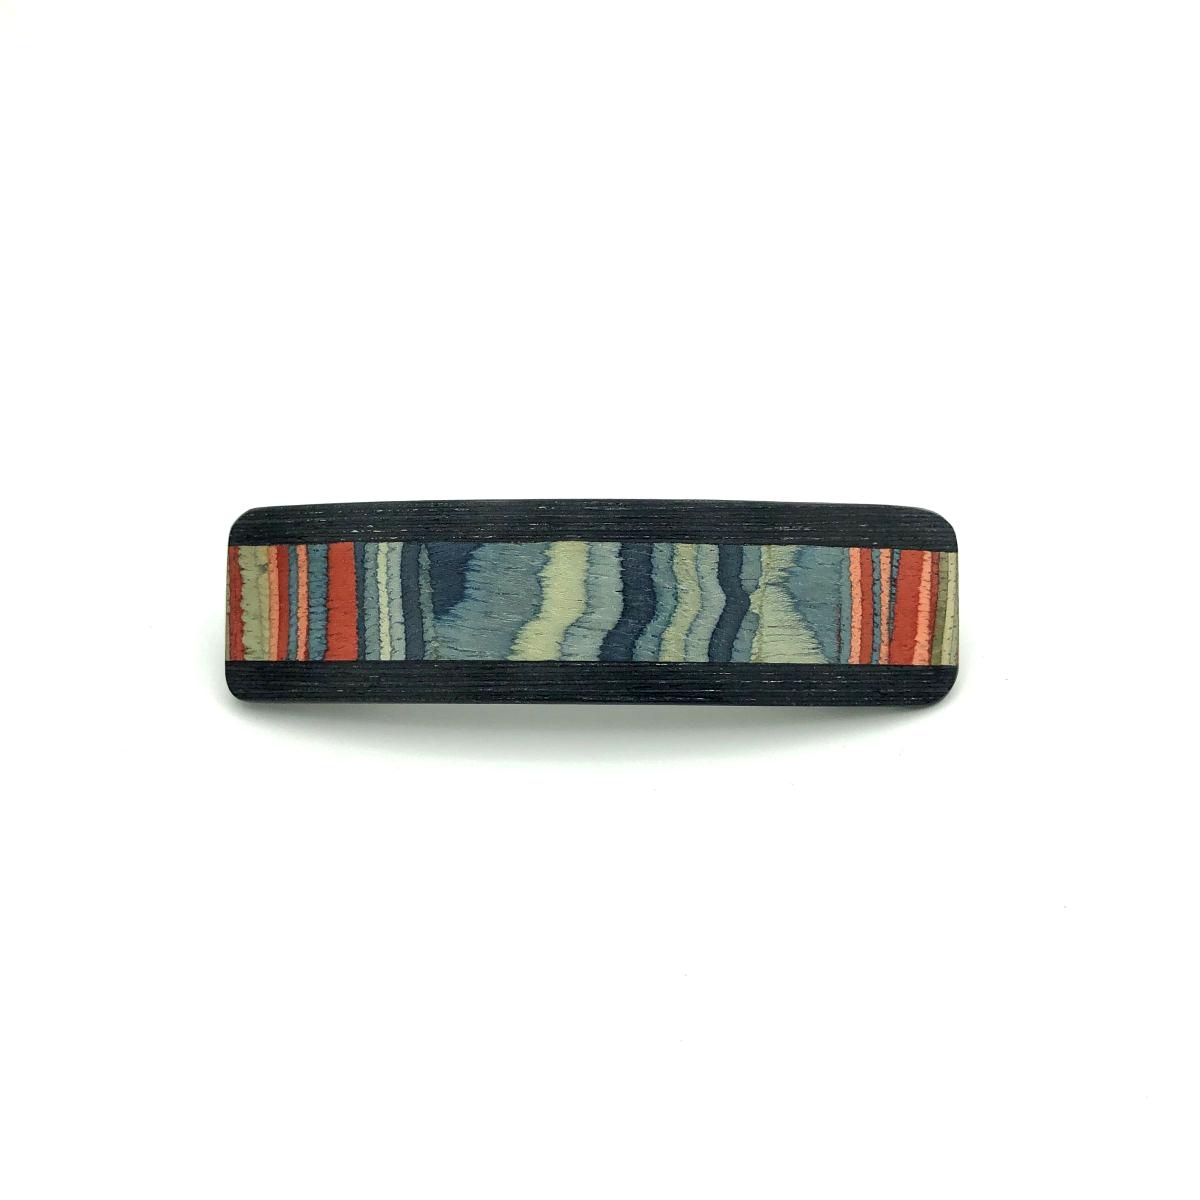 Haarspange aus Holz blau/bunt - mittel, schmal - 9,5 cm